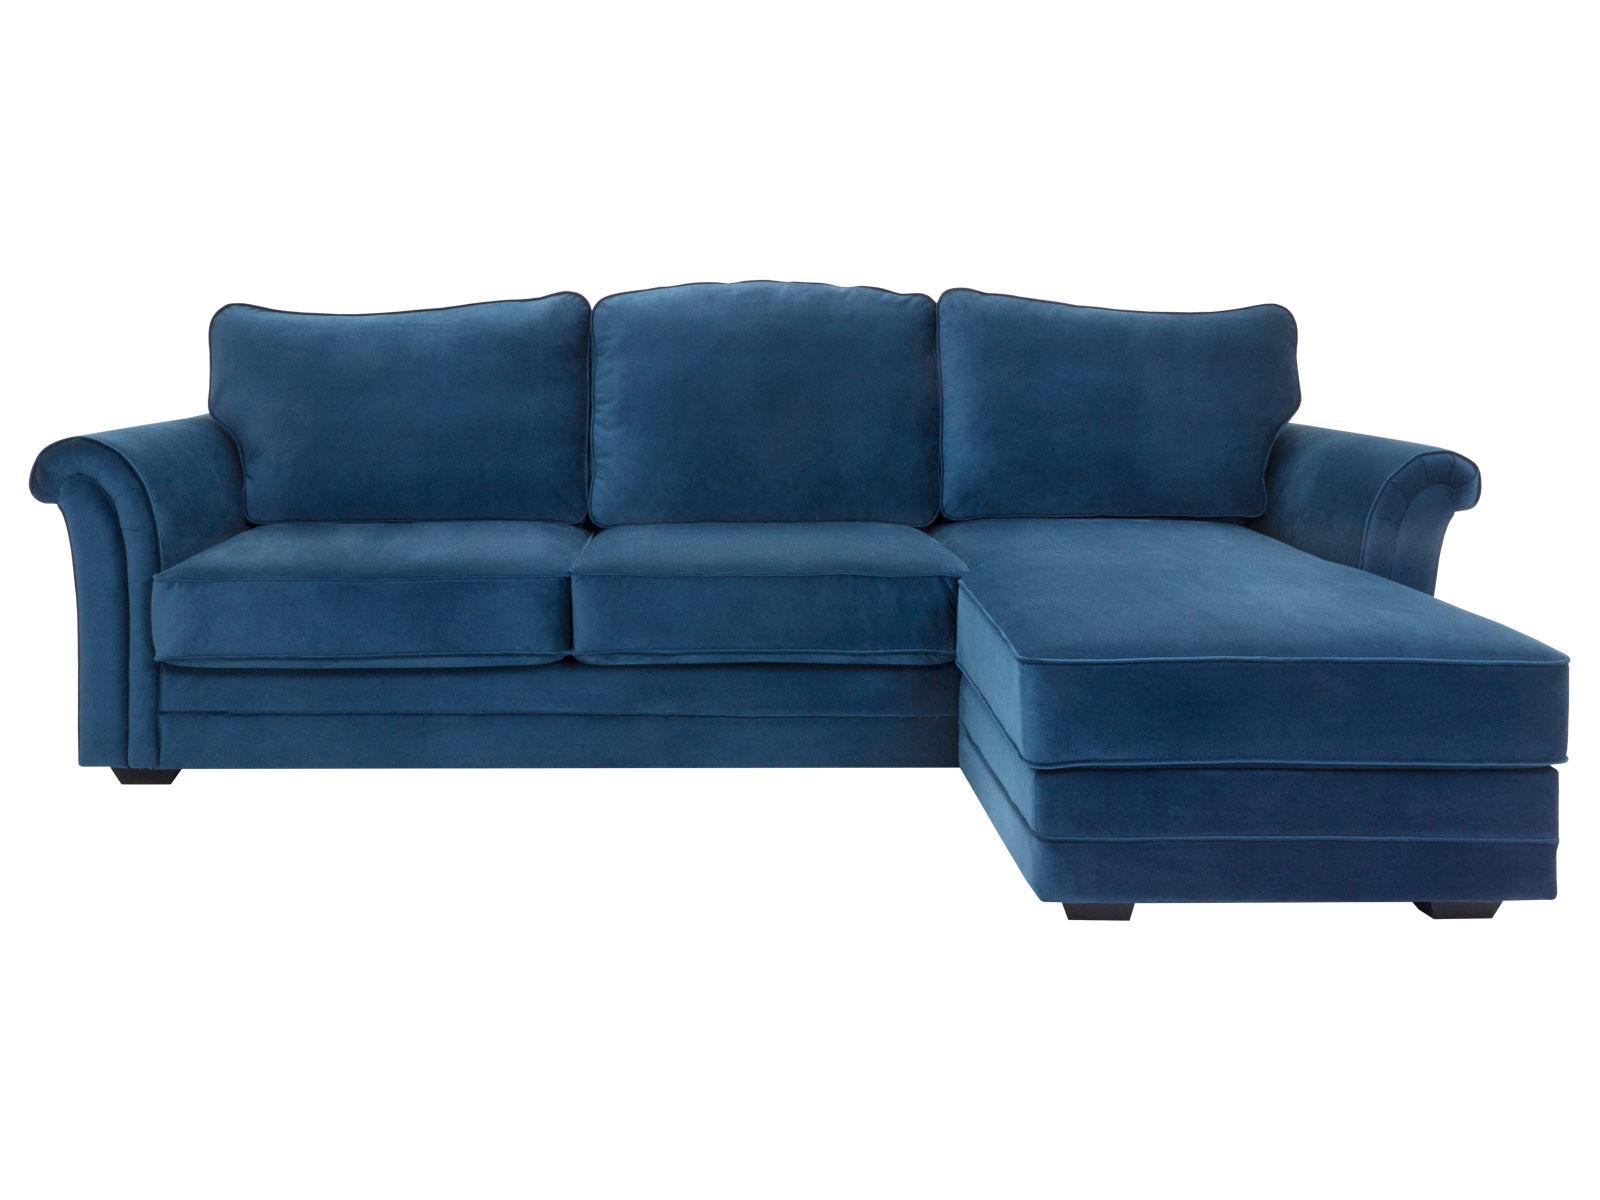 Диван SydУгловые раскладные диваны<br>Угловой диван-кровать с оттоманкой и ёмкостью для хранения.&amp;amp;nbsp;&amp;lt;div&amp;gt;Оттоманка может располагаться как с правой, так и с левой стороны.&amp;amp;nbsp;&amp;lt;/div&amp;gt;&amp;lt;div&amp;gt;Размер спального места 1840х1330 мм.&amp;amp;nbsp;&amp;lt;/div&amp;gt;&amp;lt;div&amp;gt;&amp;lt;br&amp;gt;&amp;lt;/div&amp;gt;&amp;lt;div&amp;gt;&amp;lt;div&amp;gt;Каркас: деревянный брус, фанера&amp;lt;/div&amp;gt;&amp;lt;div&amp;gt;Подушки спинок: синтетическое волокно «синтепух»&amp;lt;/div&amp;gt;&amp;lt;div&amp;gt;Подушки сидений: пенополиуретан, синтепон, пружинный блок&amp;lt;/div&amp;gt;&amp;lt;div&amp;gt;Обивка: 100% полиэстер&amp;lt;/div&amp;gt;&amp;lt;div&amp;gt;Лицевые чехлы подушек съёмные&amp;lt;/div&amp;gt;&amp;lt;div&amp;gt;Глубина оттоманки:1510 мм&amp;lt;/div&amp;gt;&amp;lt;div&amp;gt;Ширина сиденья:2350мм&amp;lt;/div&amp;gt;&amp;lt;div&amp;gt;Глубина сиденья:570 мм&amp;lt;/div&amp;gt;&amp;lt;div&amp;gt;Высота сиденья:480 мм&amp;lt;/div&amp;gt;&amp;lt;/div&amp;gt;<br><br>Material: Текстиль<br>Width см: 283<br>Depth см: 193<br>Height см: 97